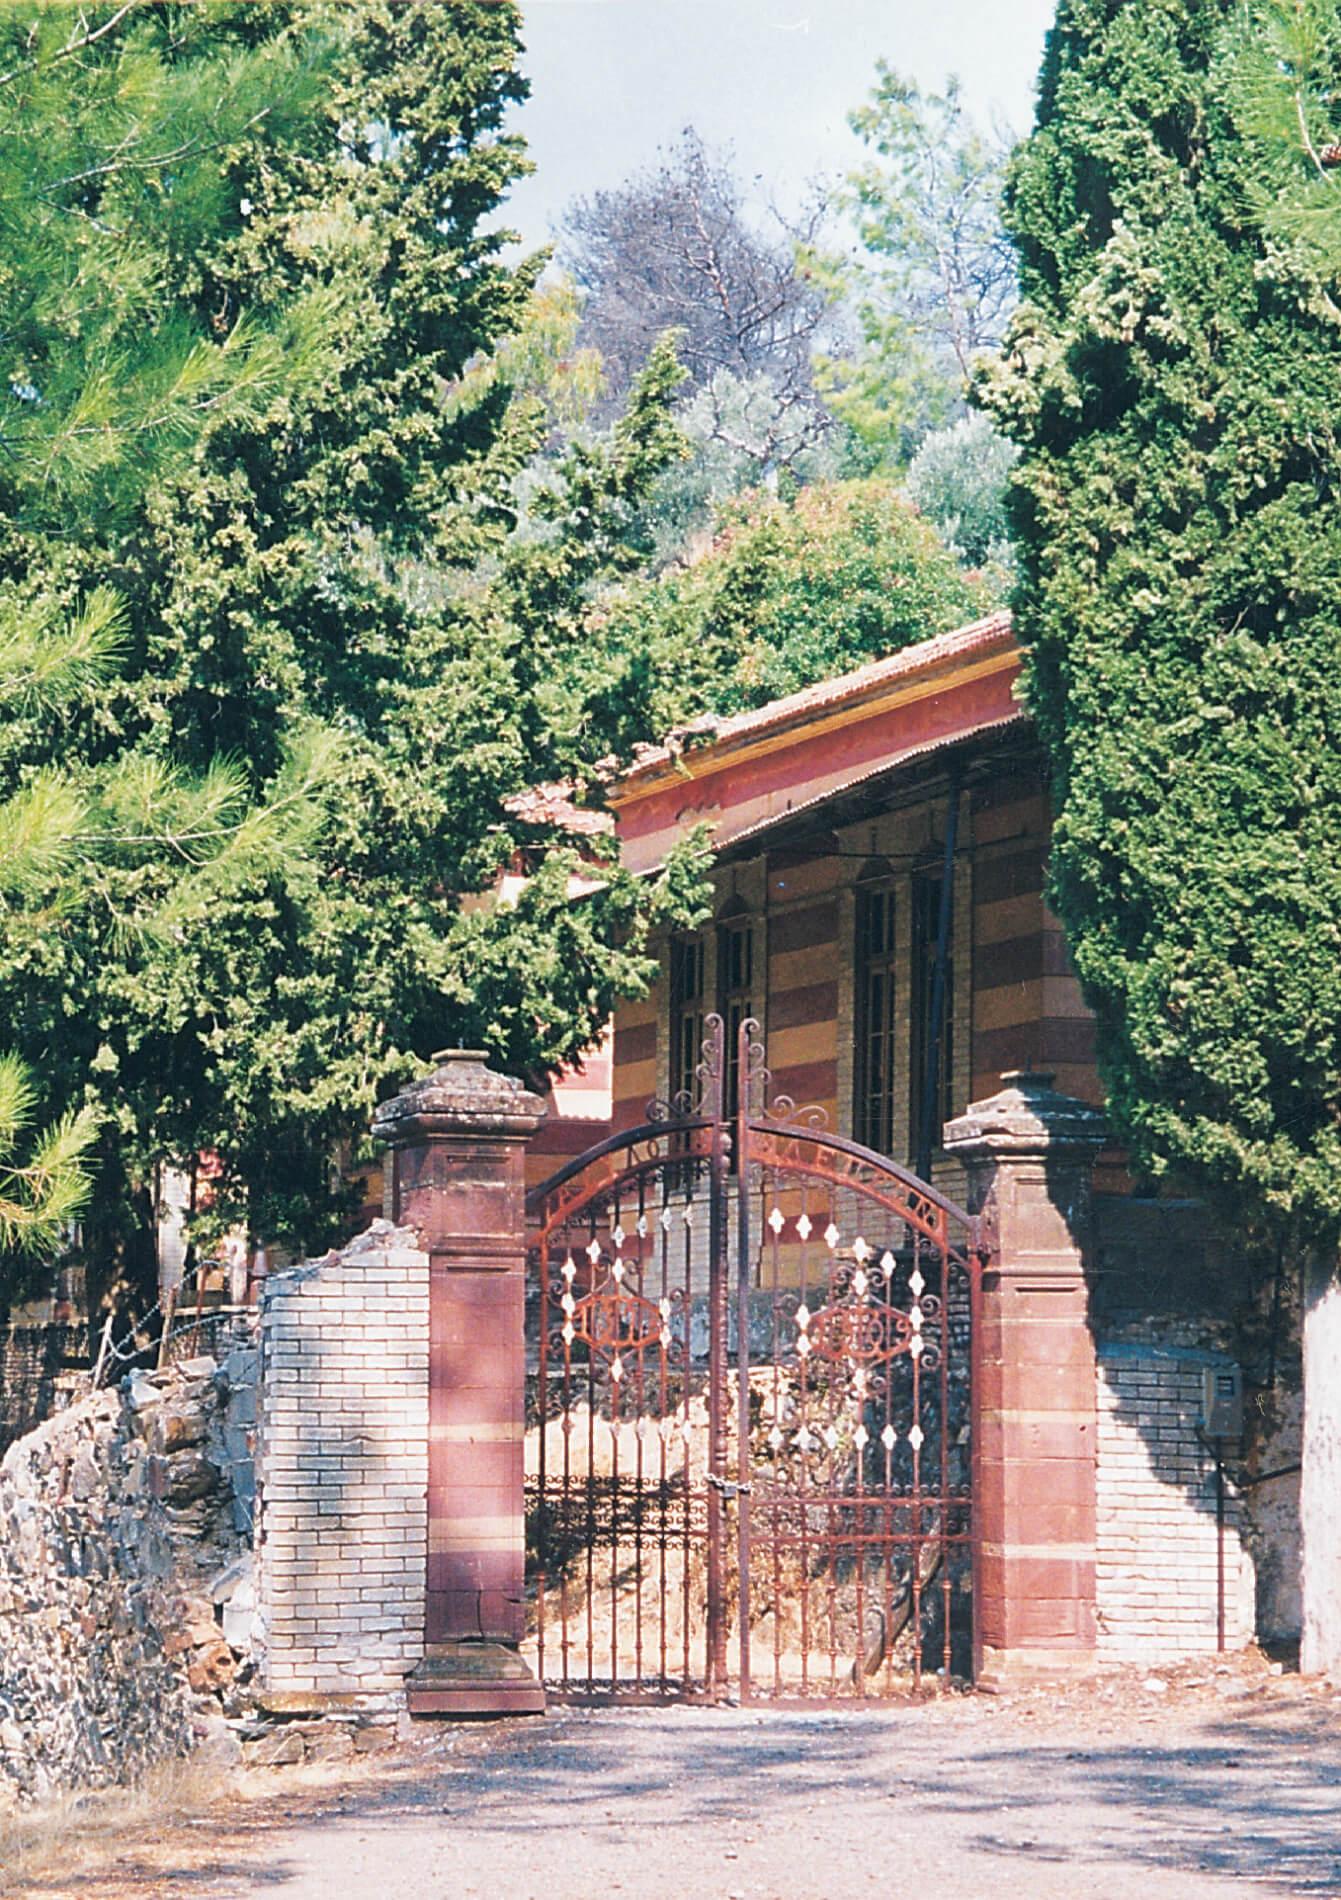 Πίσω ἀπό αὐτή τήν πόρτα ἔζησε σαραντατρία χρόνια στήν Χίο ὁ ἅγιος Νικηφόρος.